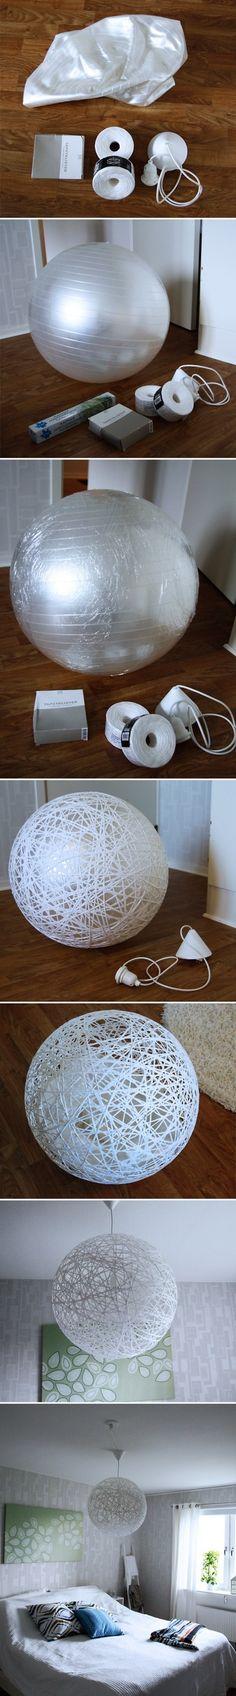 DIY String Globe Chandelier - x4duros.com